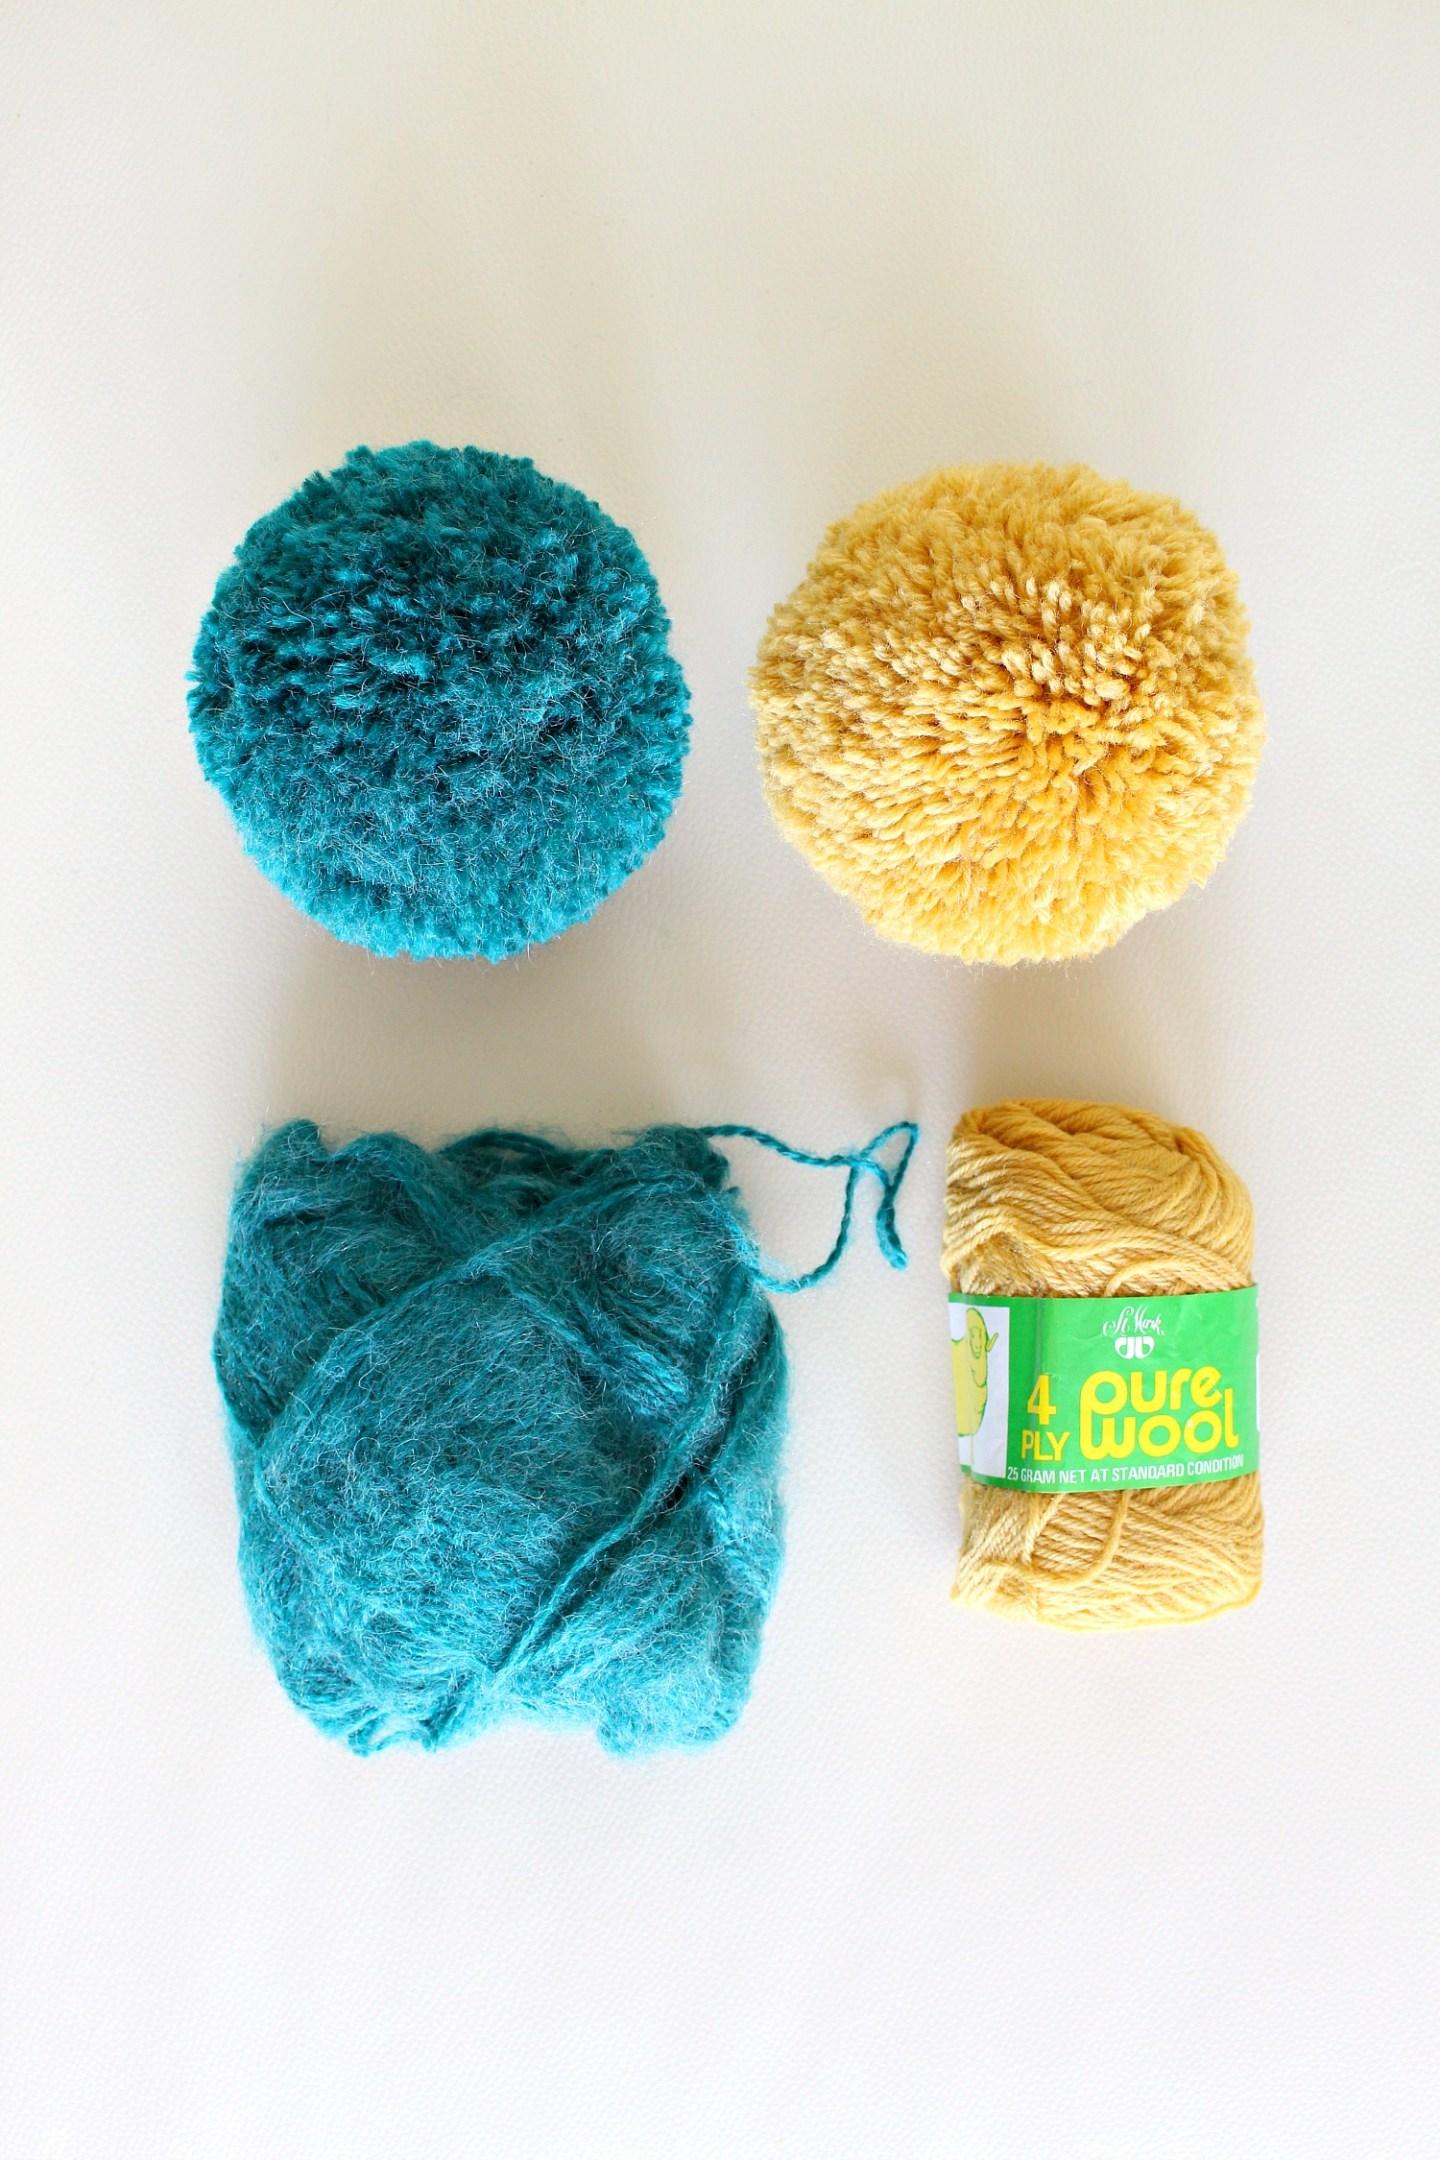 The Best Yarn to Make a Dense Pom Pom